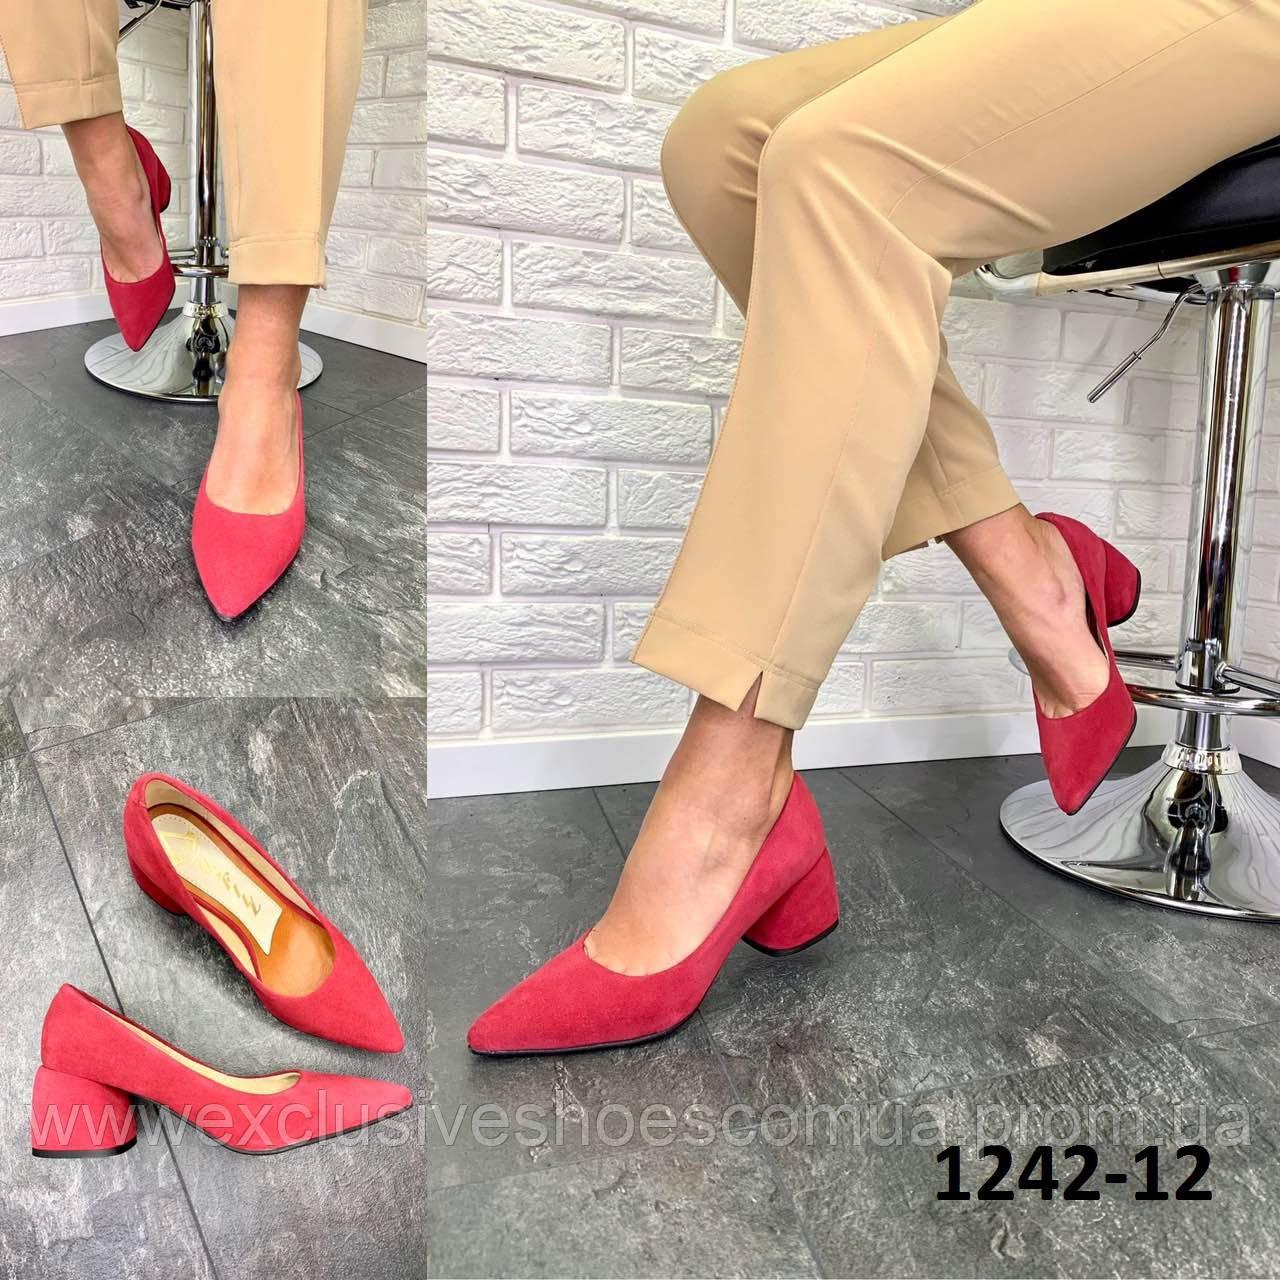 Туфли женские замшевые толедо на каблуке остроносые лодочки